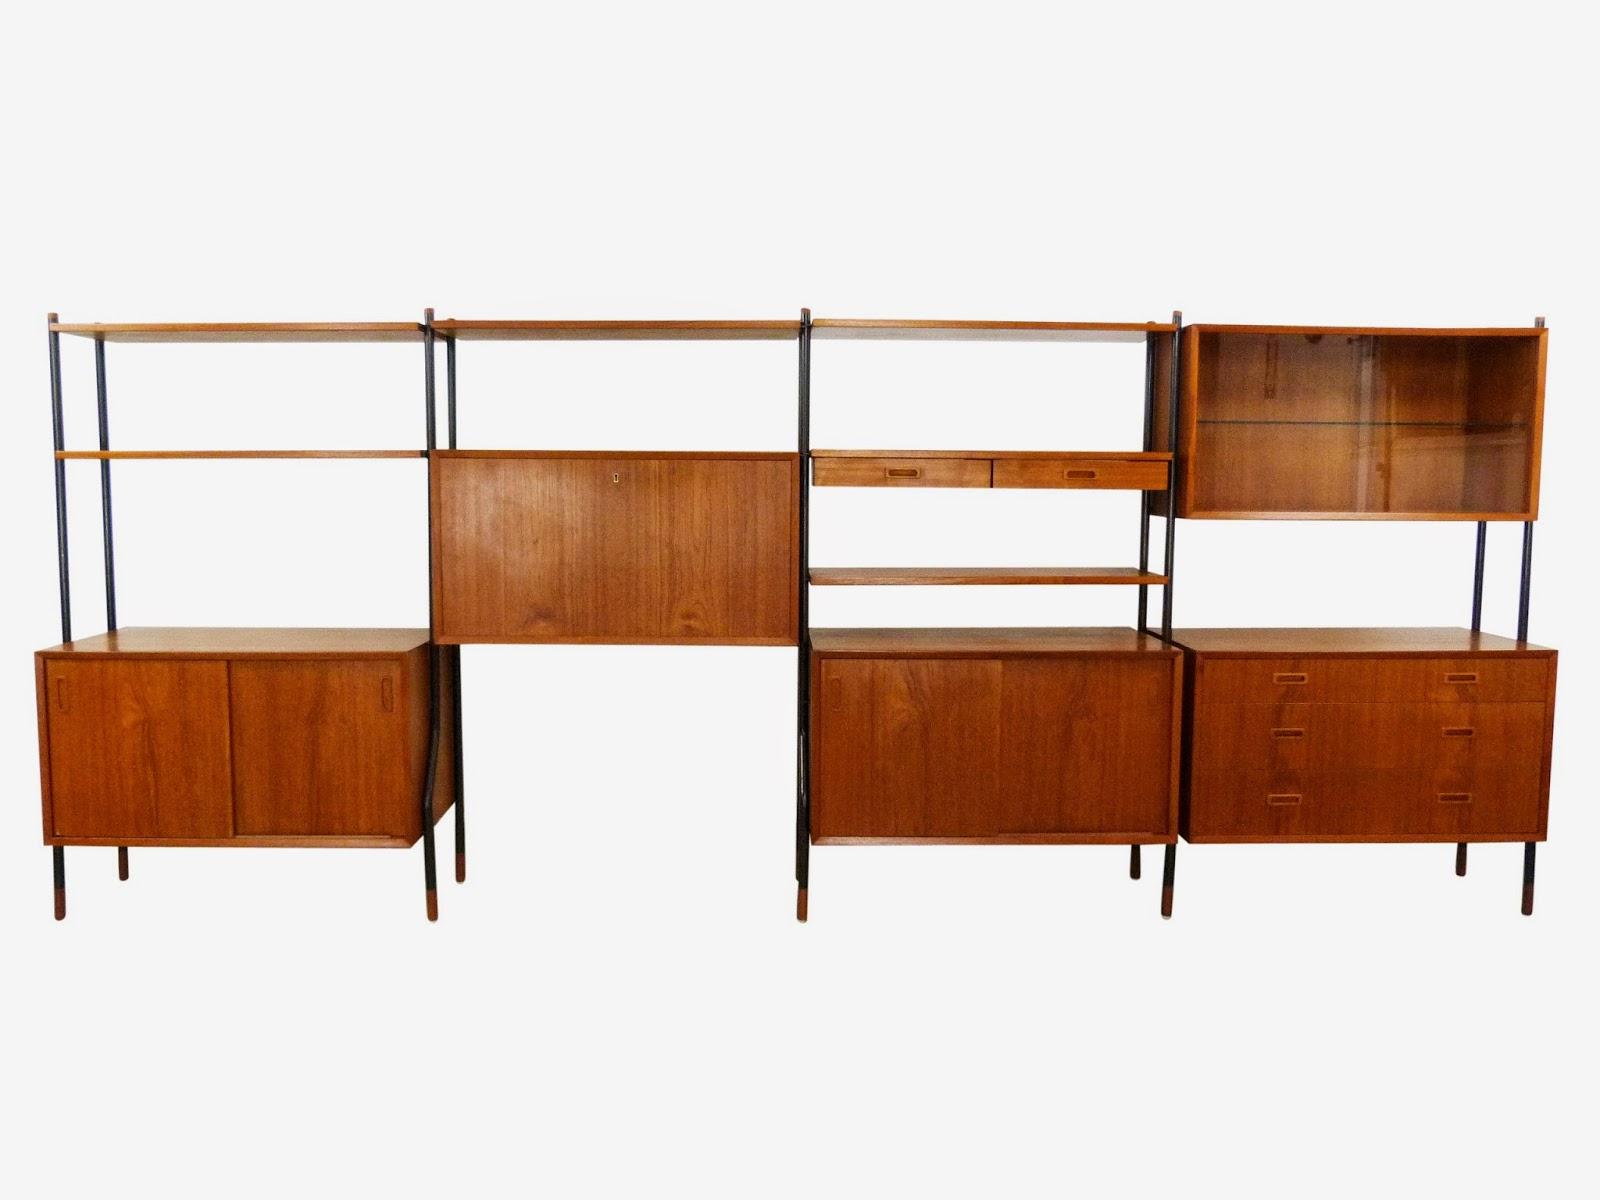 Lyby Mobler Danish Modern Vintage Teak Wall Unit / Room Divider